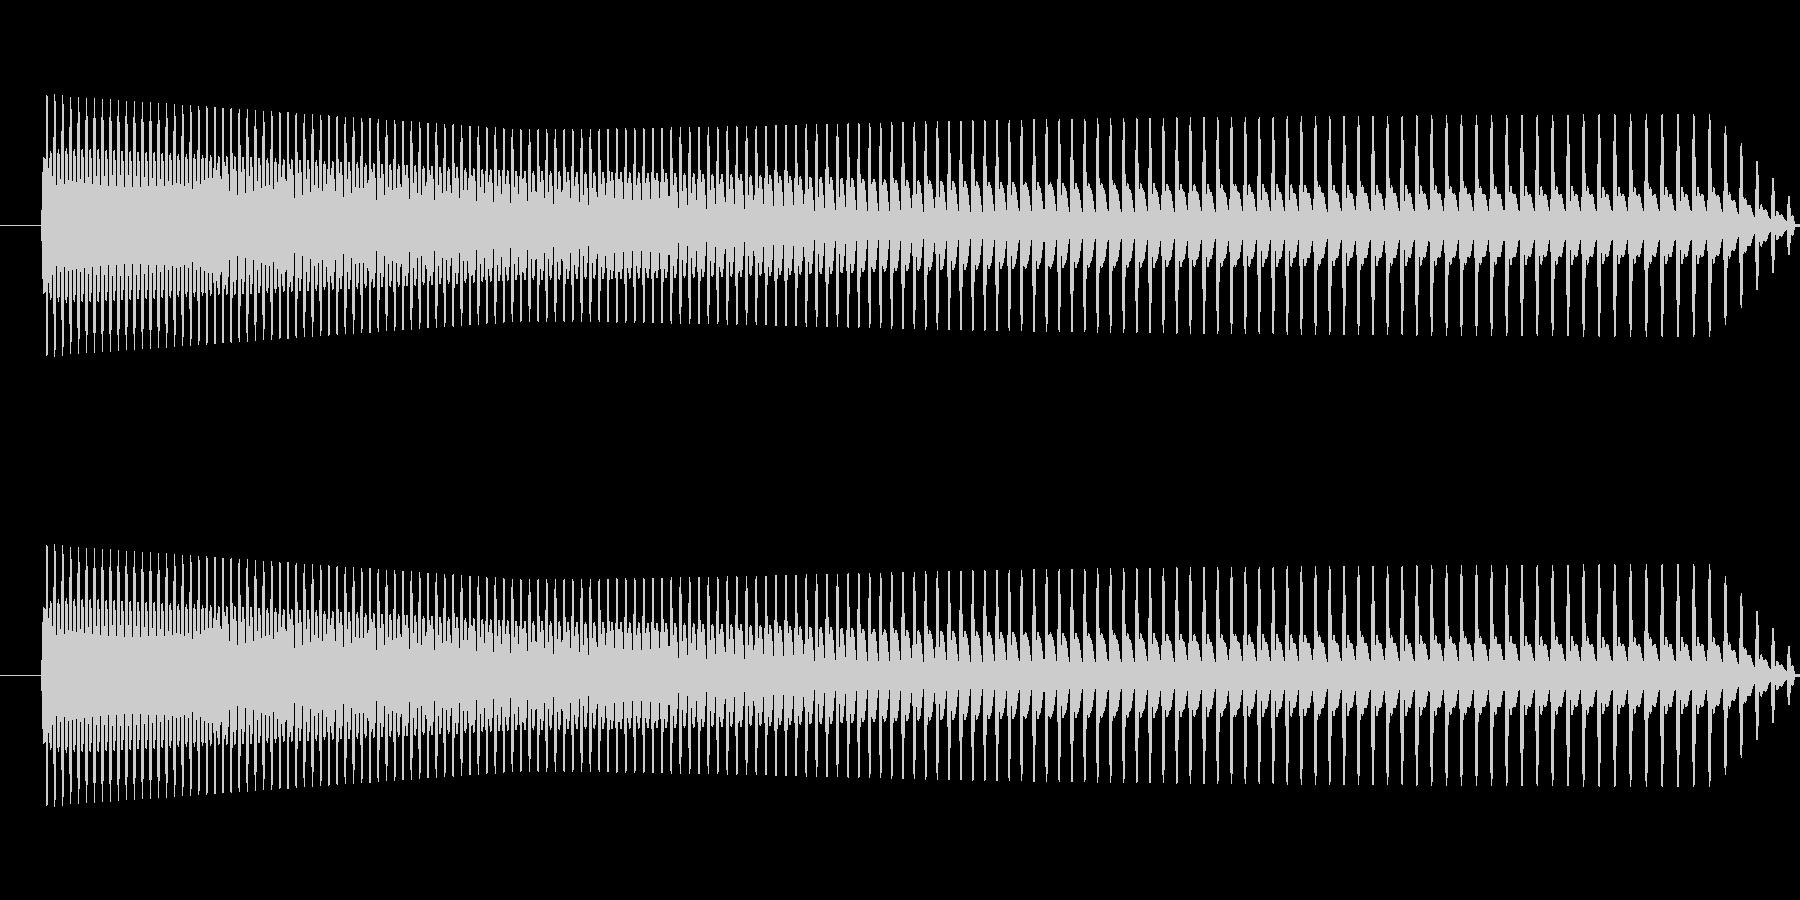 一撃アクセントにの未再生の波形